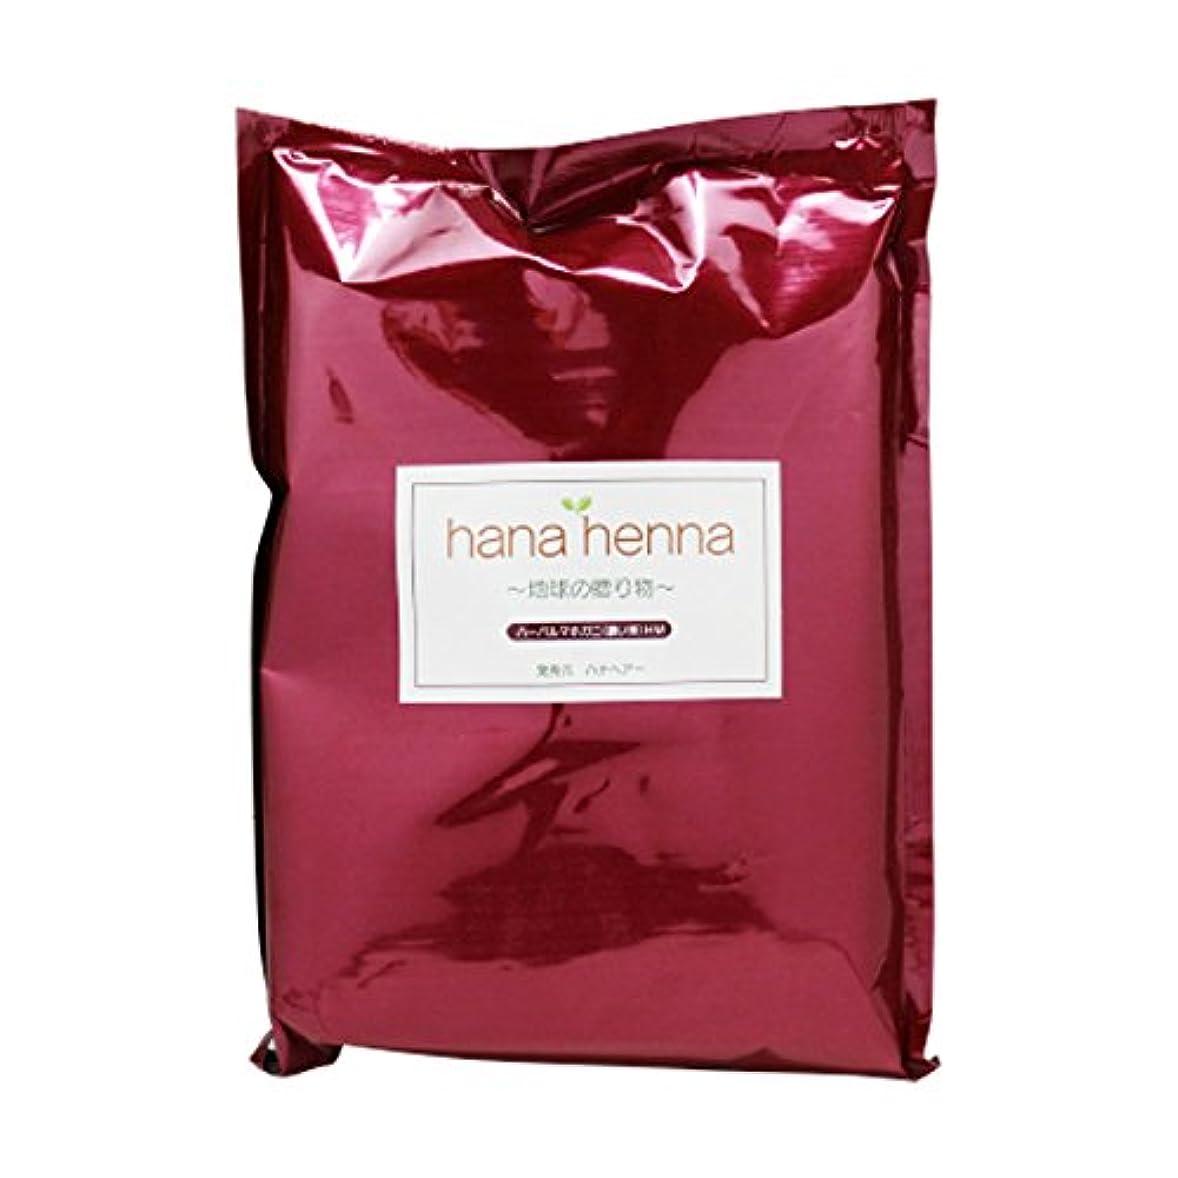 果てしない俳句降伏hanahenna ハーバルマホガニー HM(濃い茶) 100g